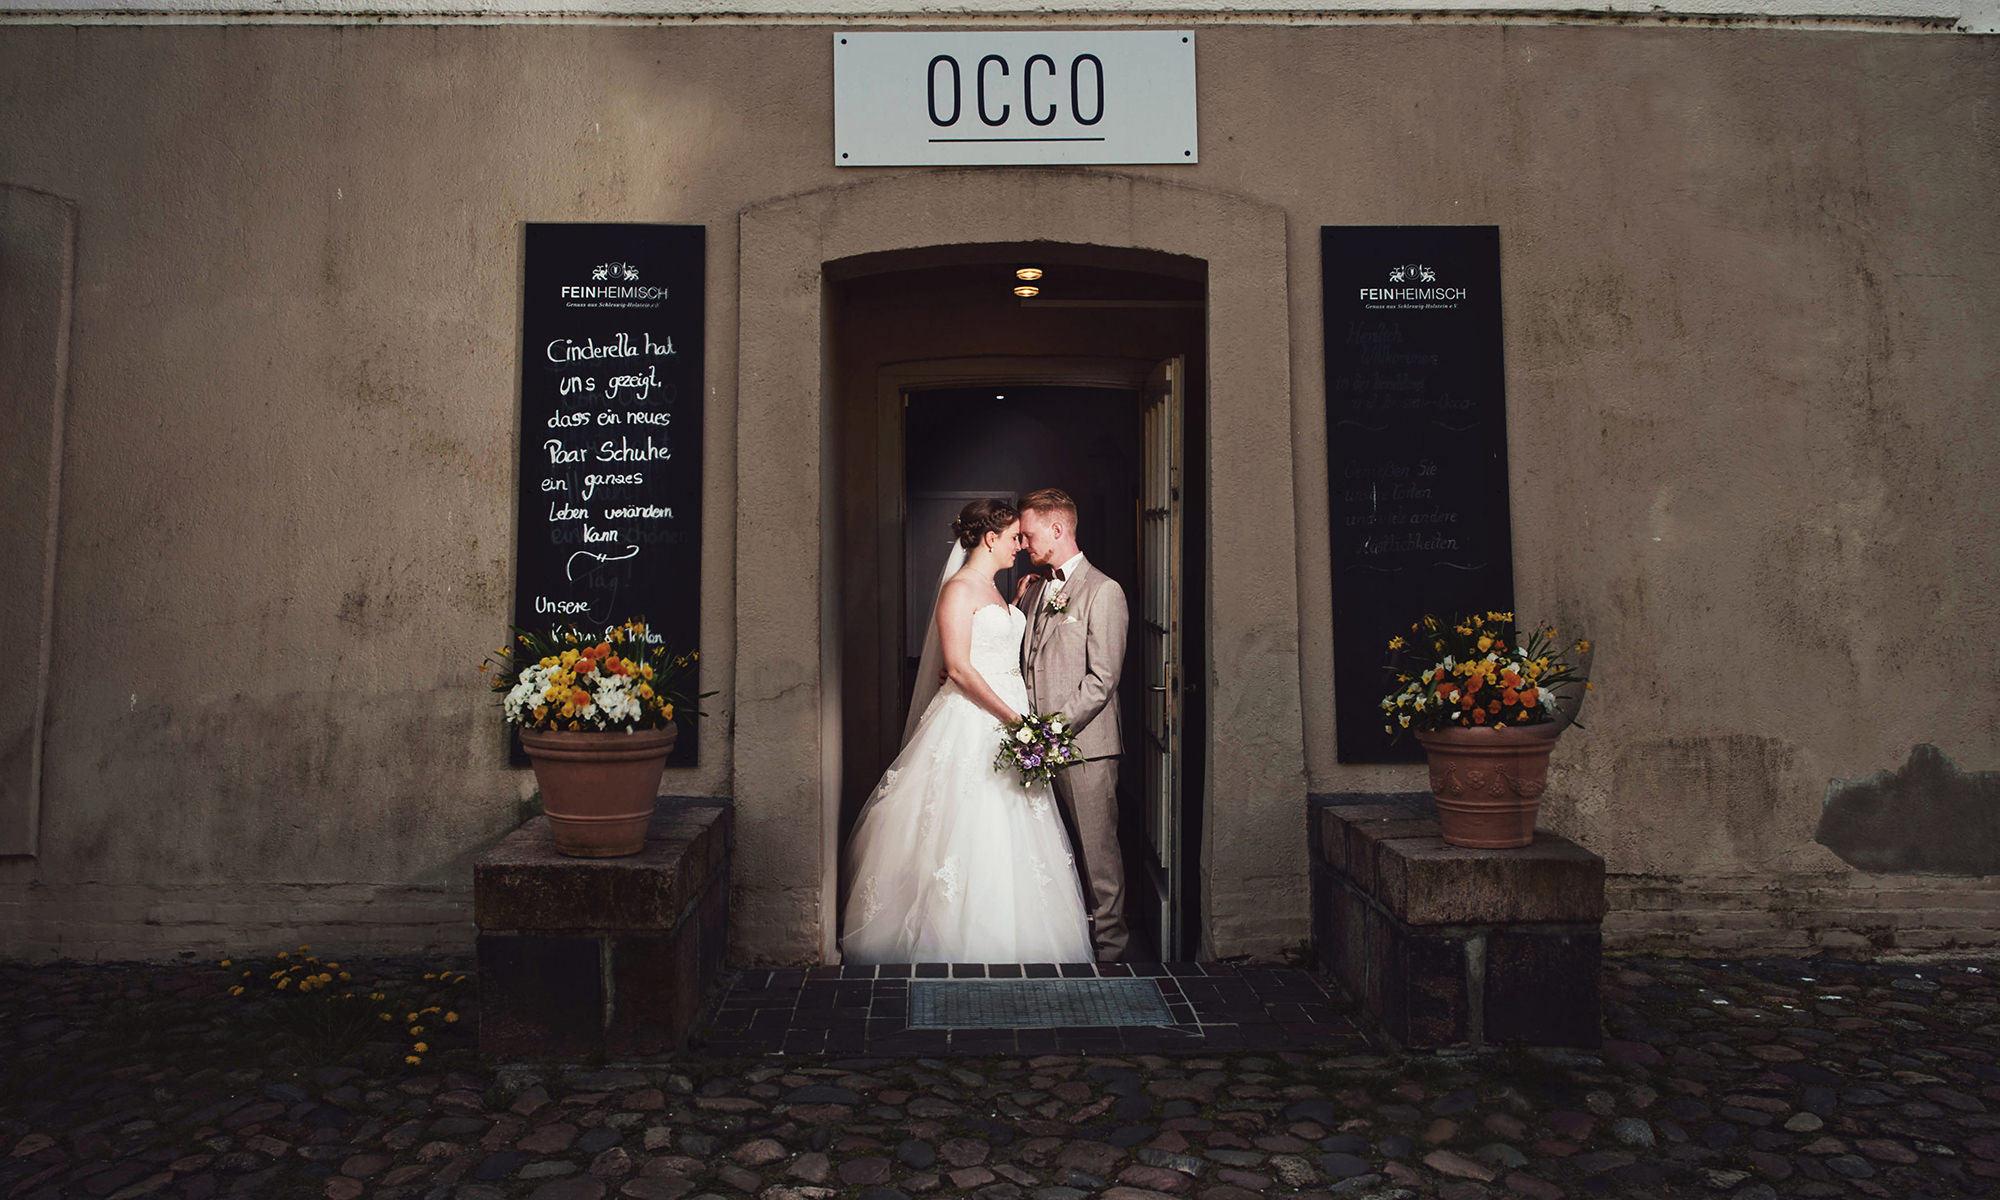 Hochzeit occo Schleswig Schloss Gottorf